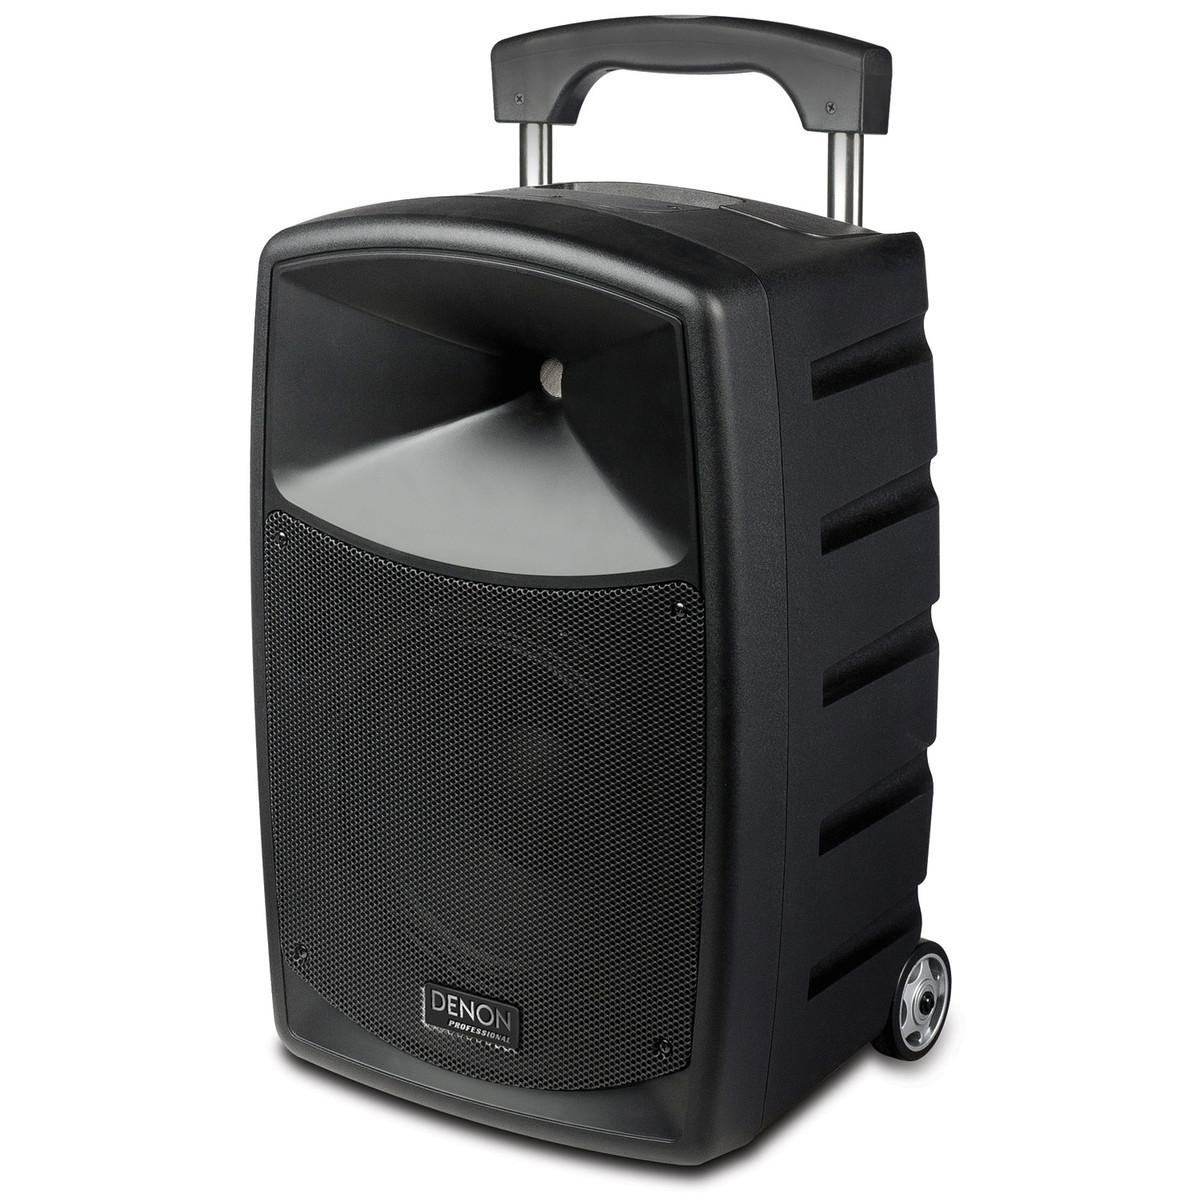 Denon Envoi Portable Battery Powered Speaker System B